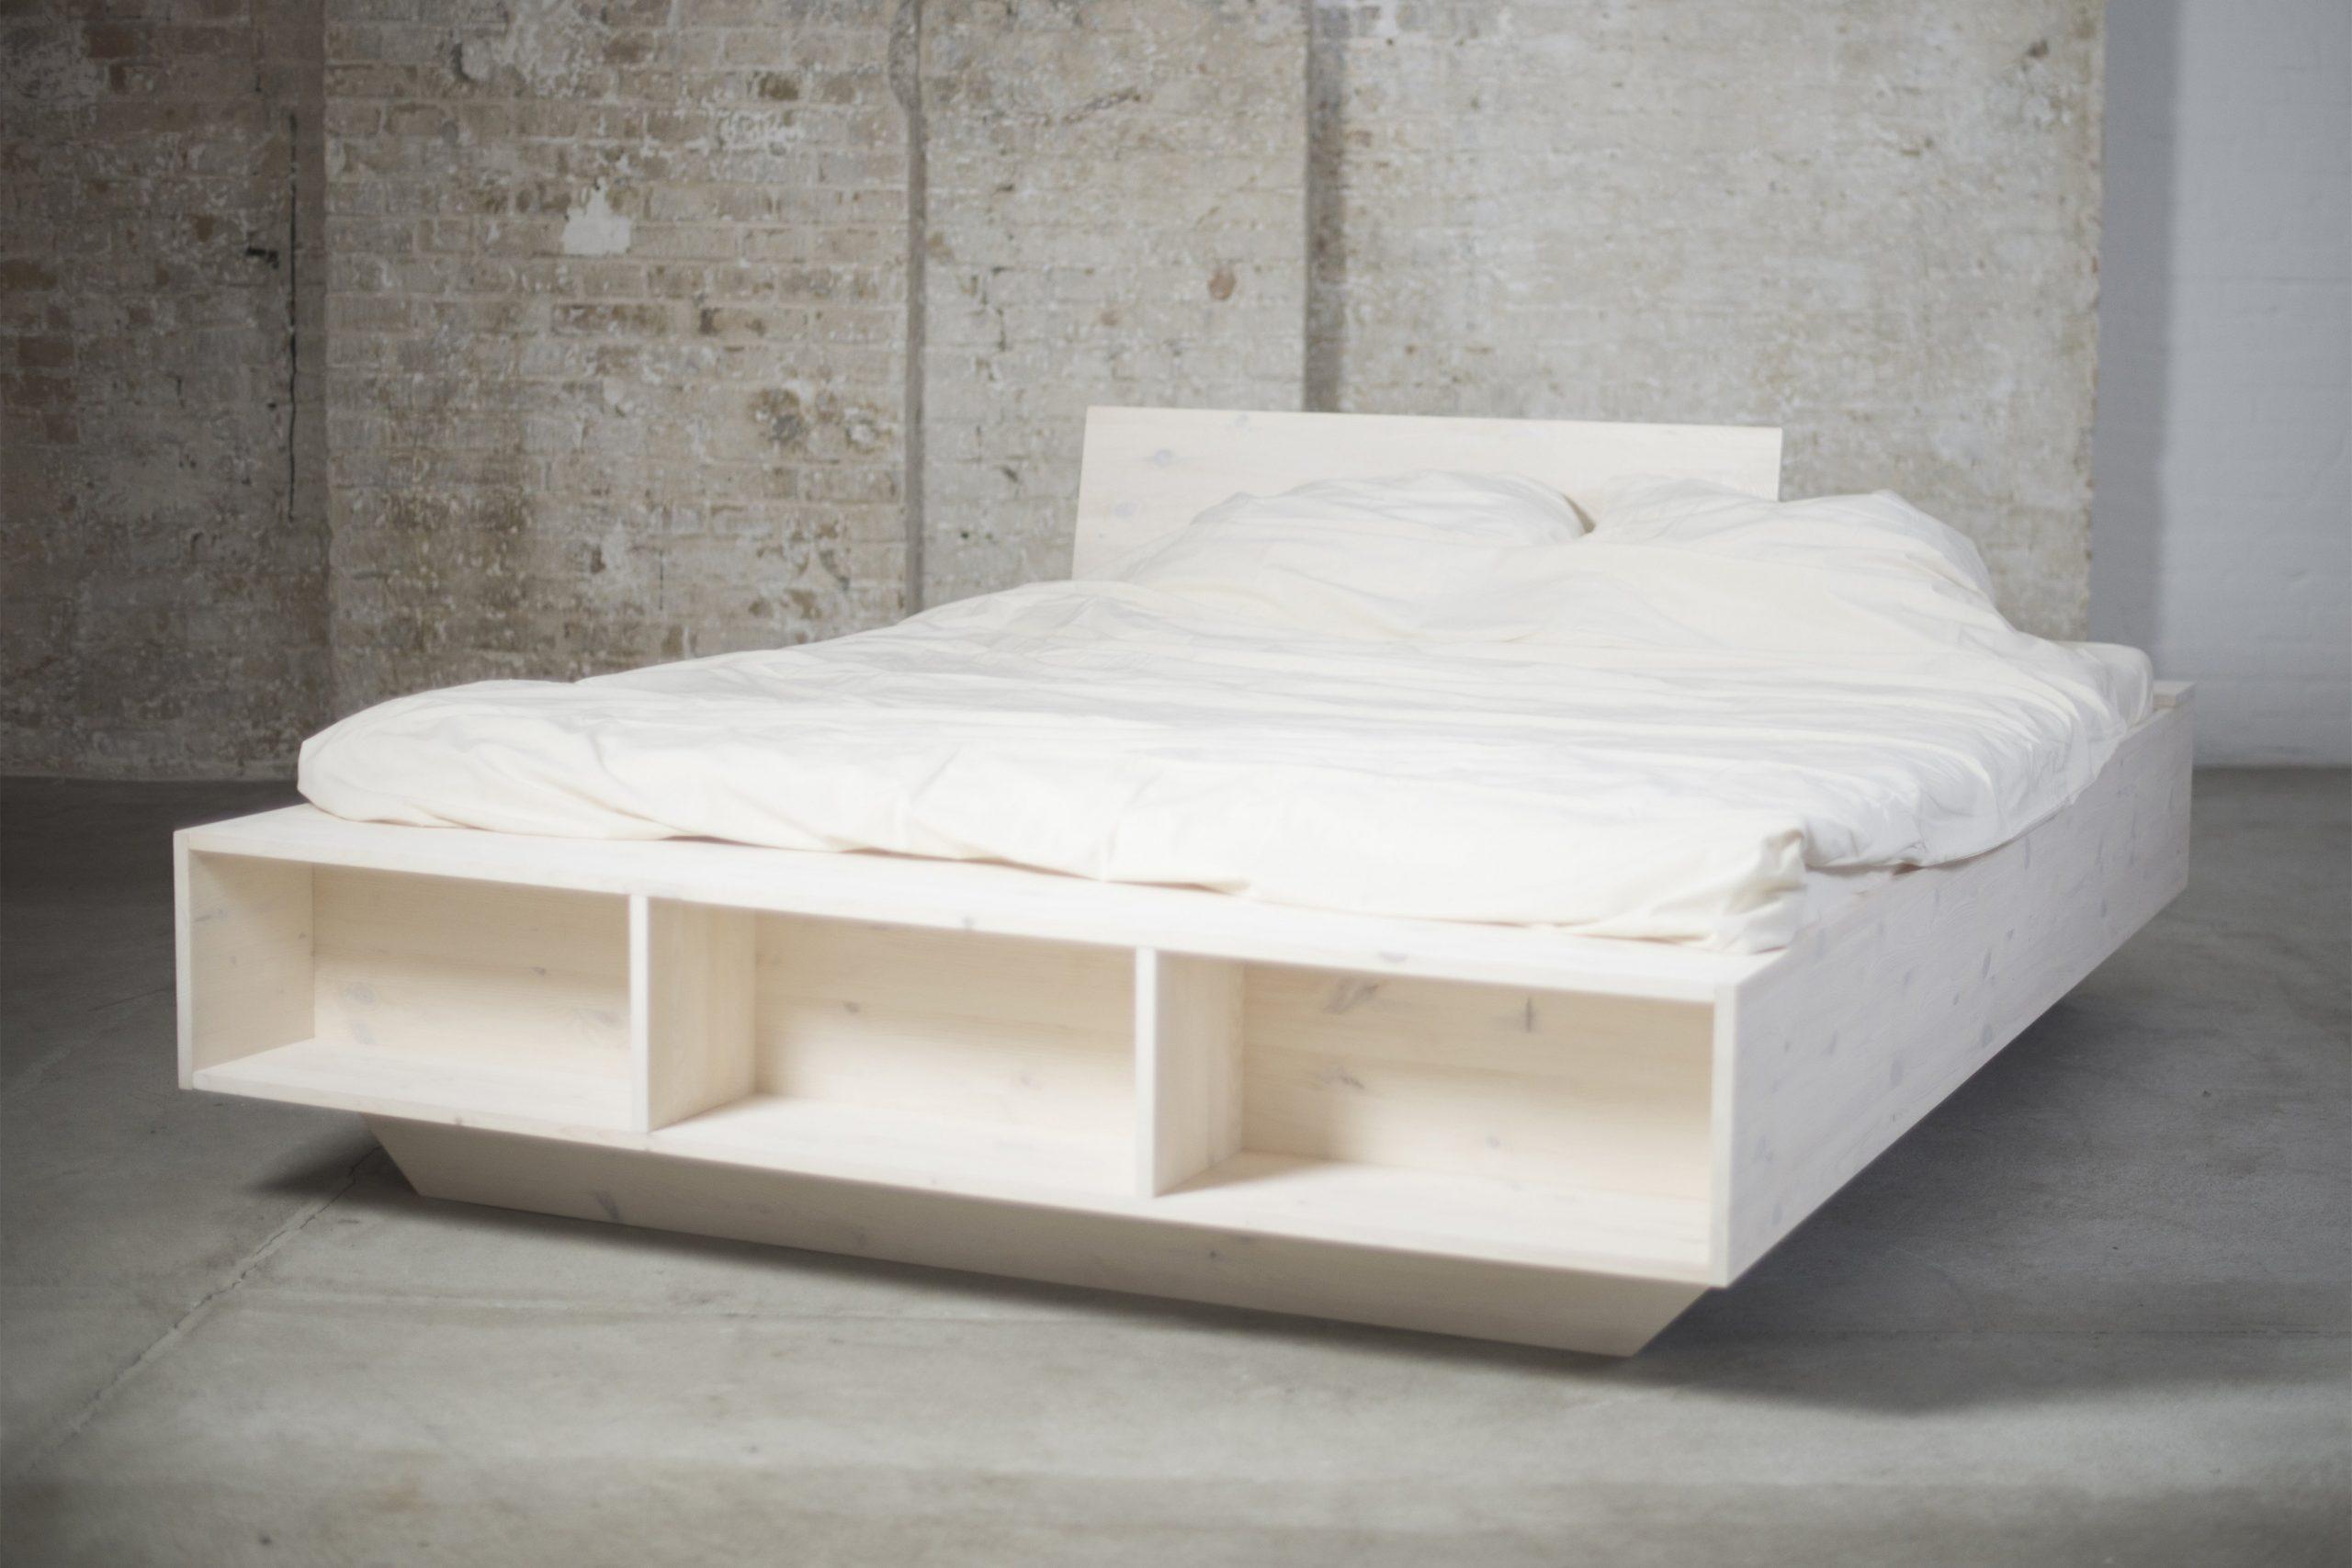 Full Size of Stauraumbett 200x200 Stauraum Bett Design Aus Massivholz Mit Stil Und Jensen Bettkasten Komforthöhe Weiß Betten Wohnzimmer Stauraumbett 200x200